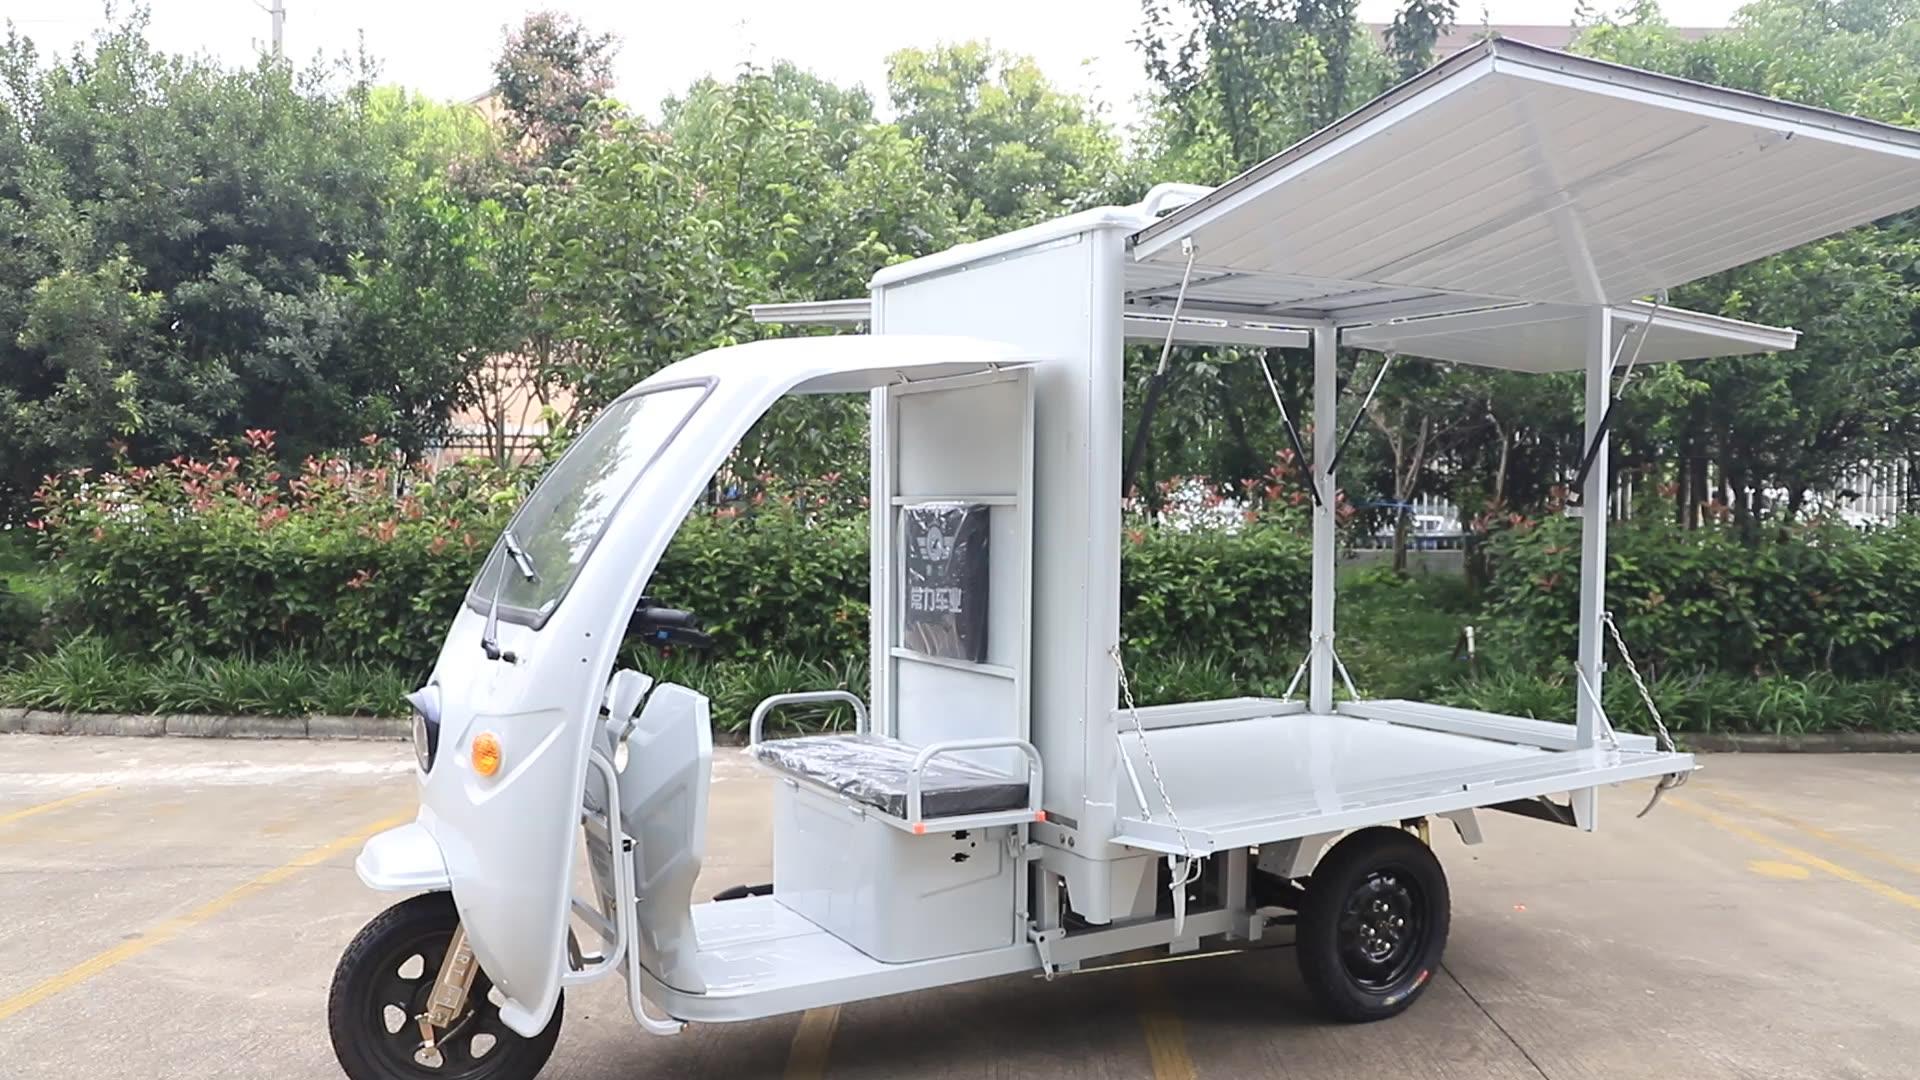 Changli nova Marca multi-purpose quiosque rua, pequenos bens de venda automática Multi-função de carro triciclo elétrico